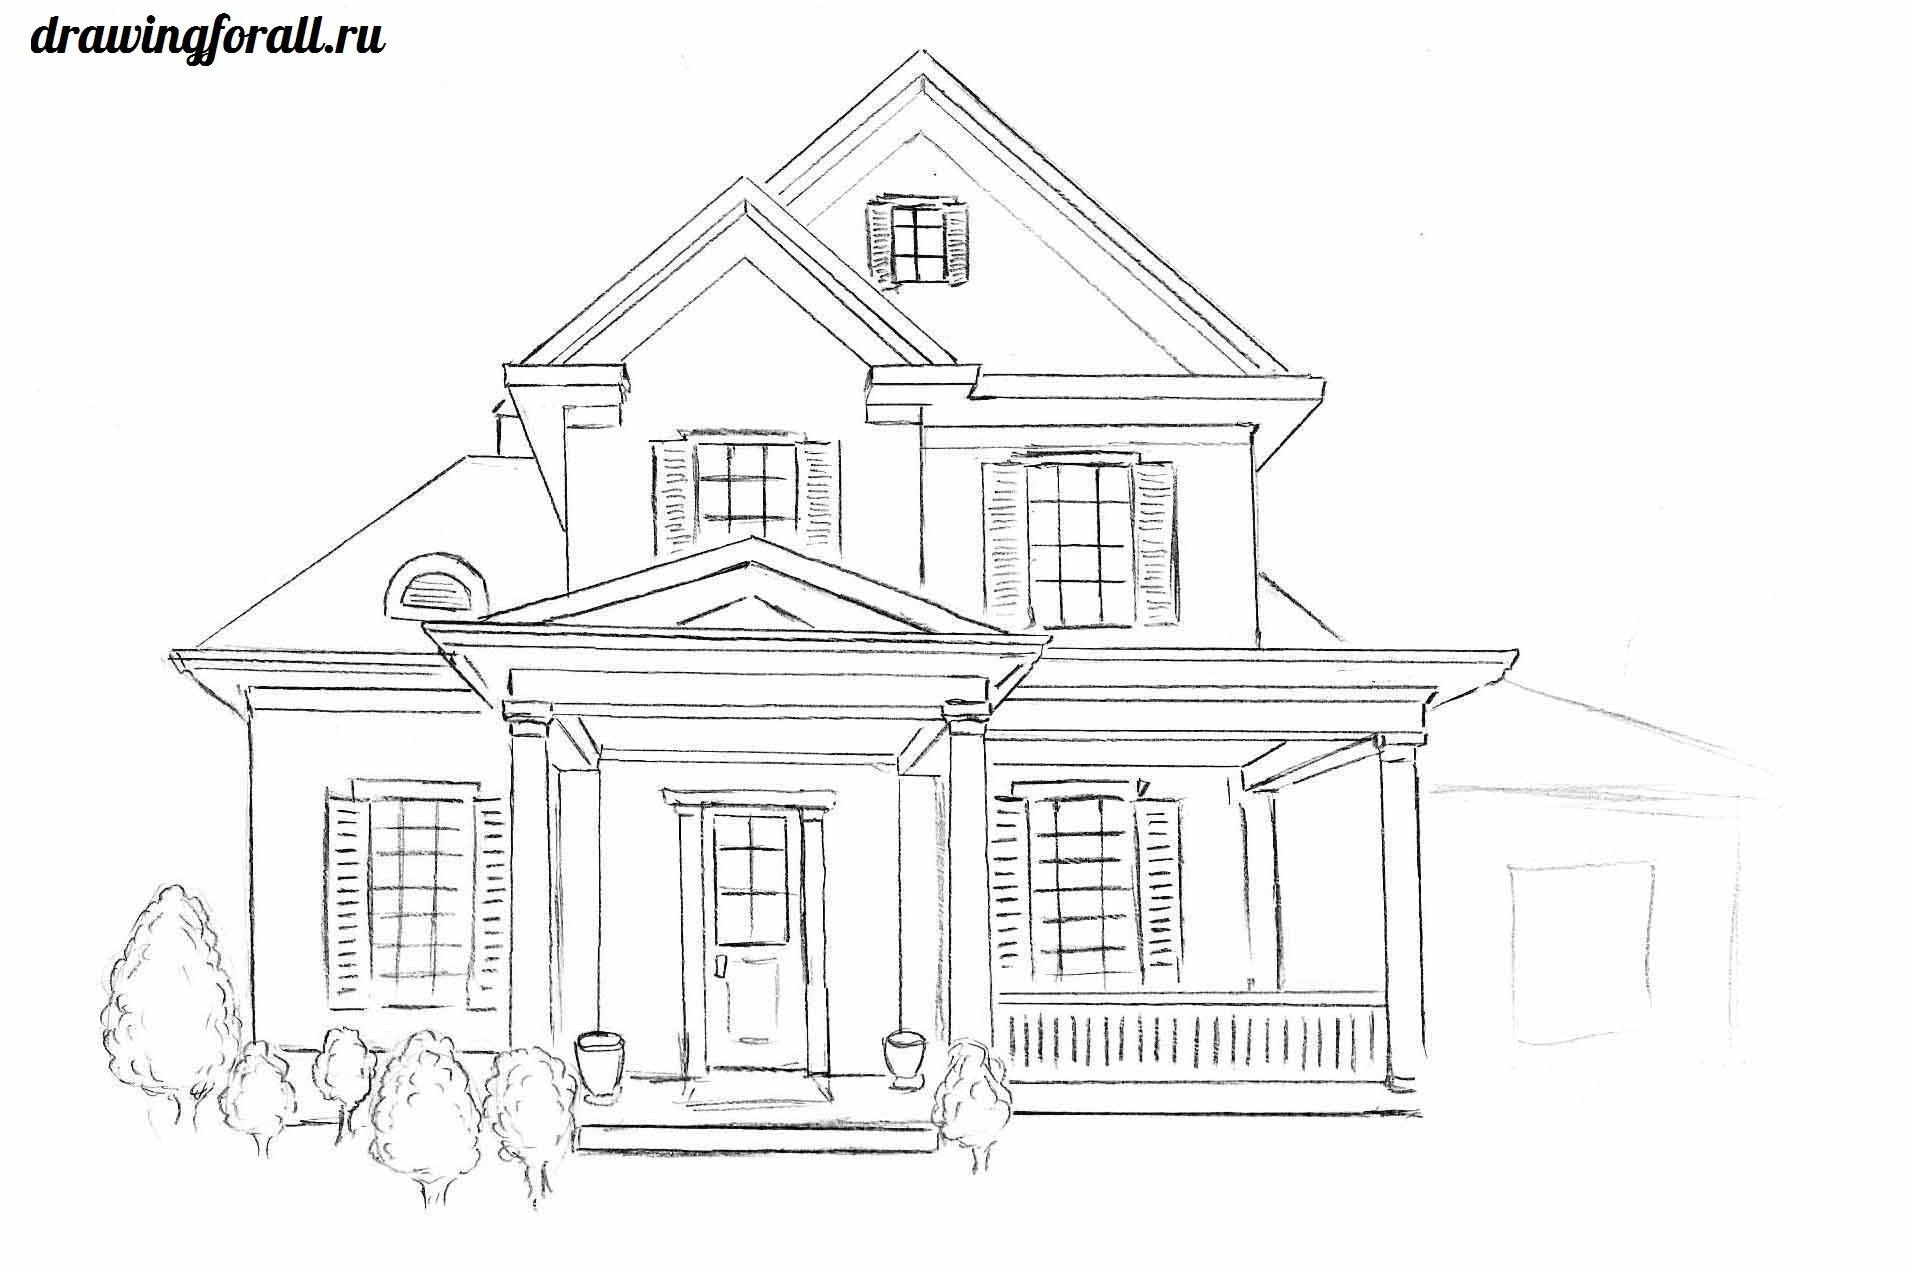 как нарисовать дом карандашом поэтапно 1